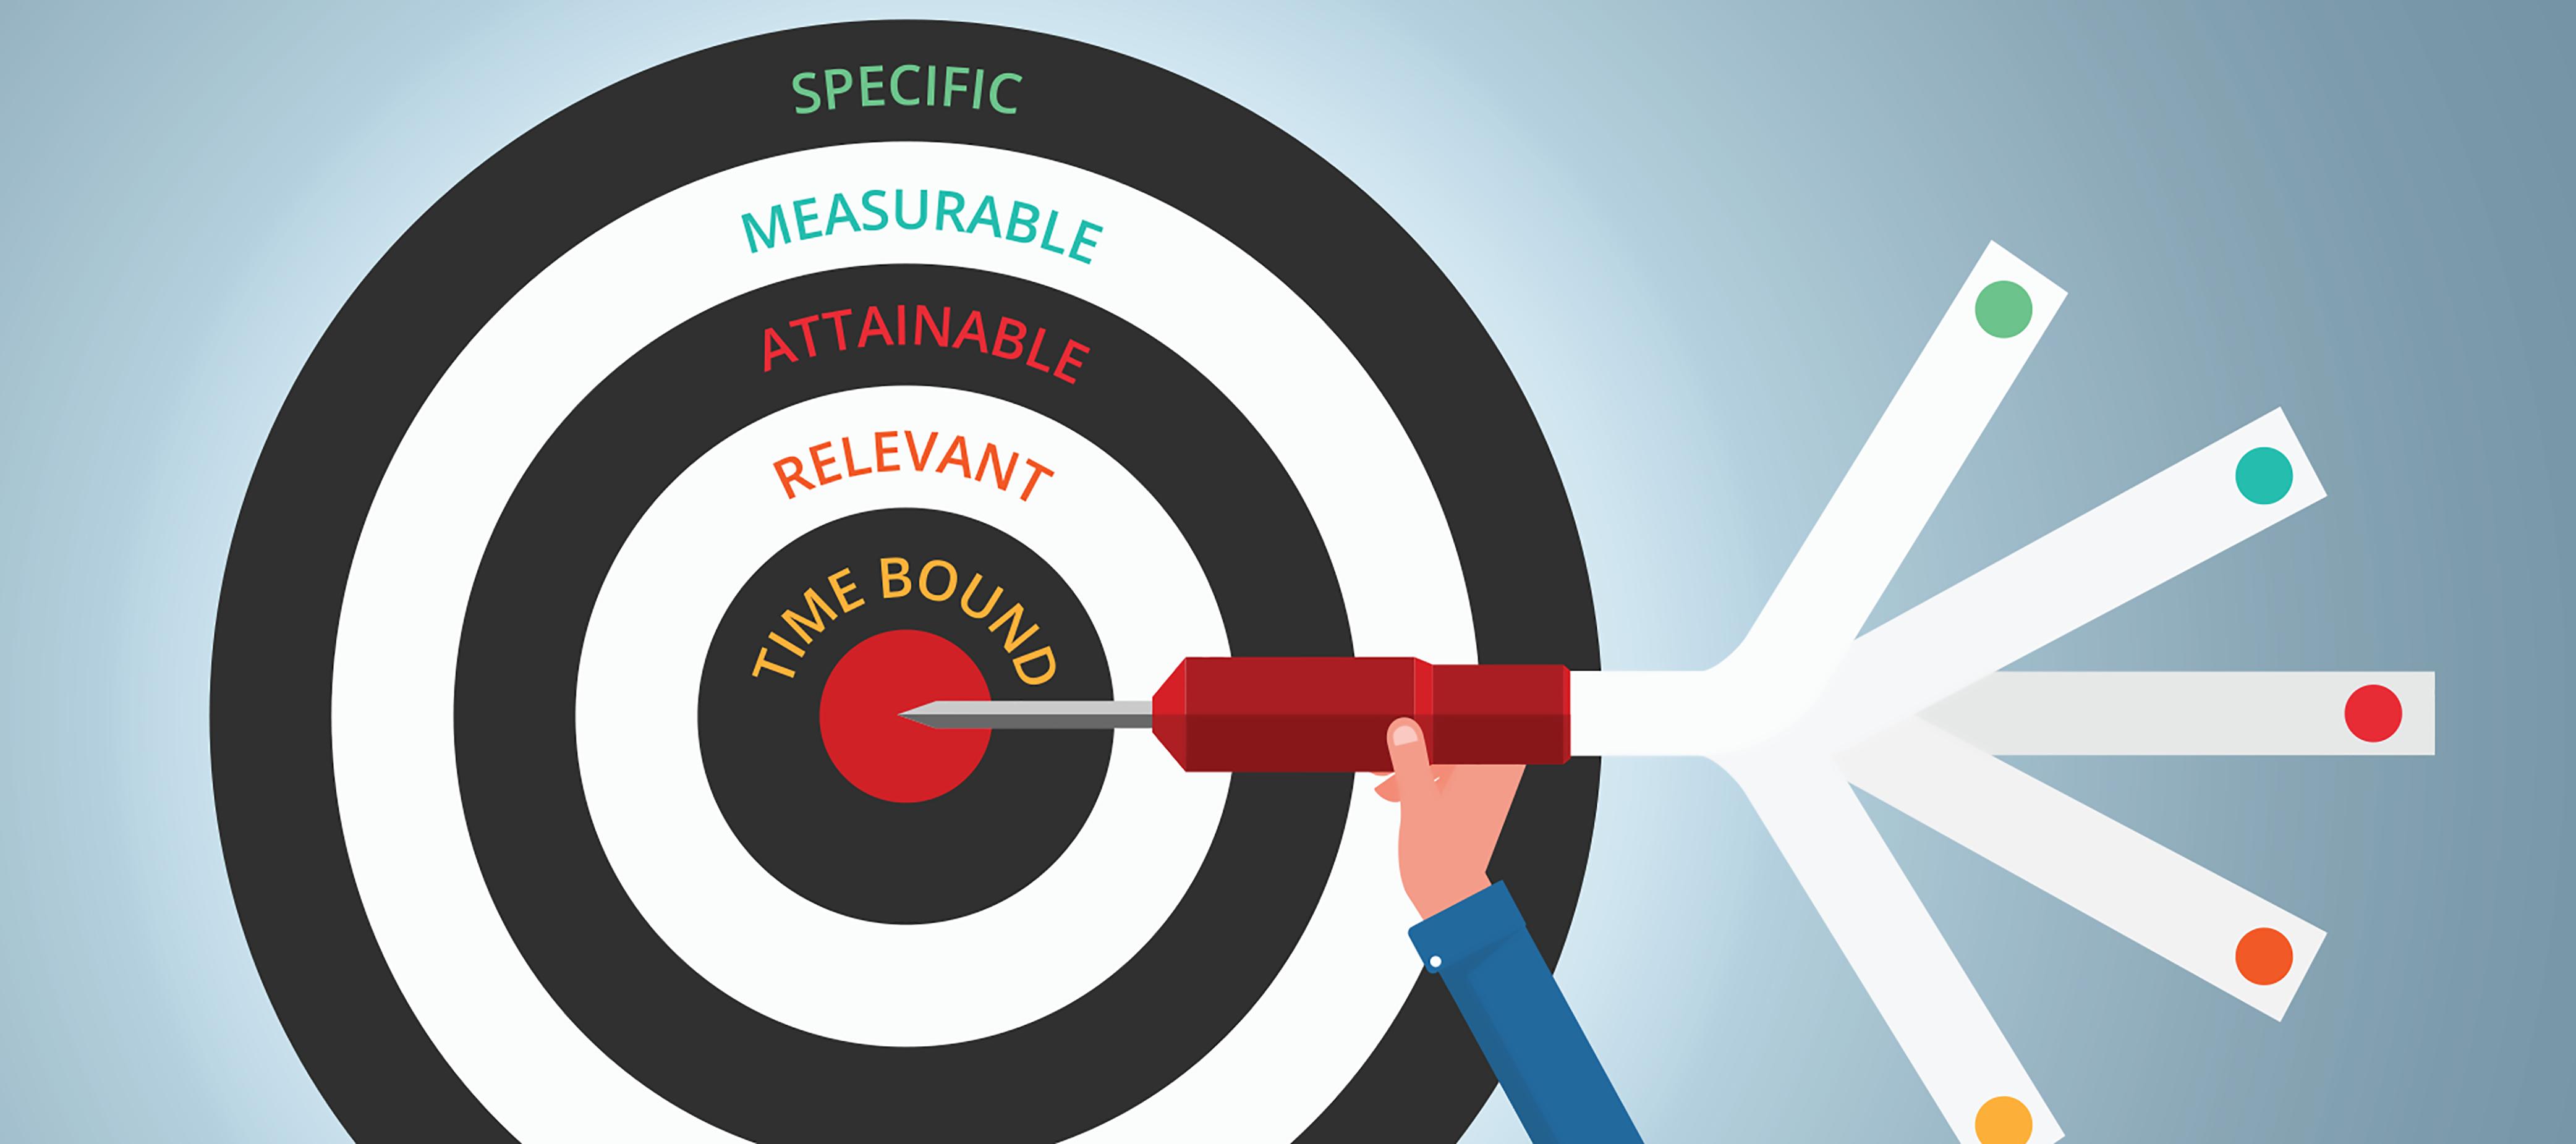 Desempeño en base a Gestión de Objetivos: Un modelo dinámico orientado a los resultados del negocio